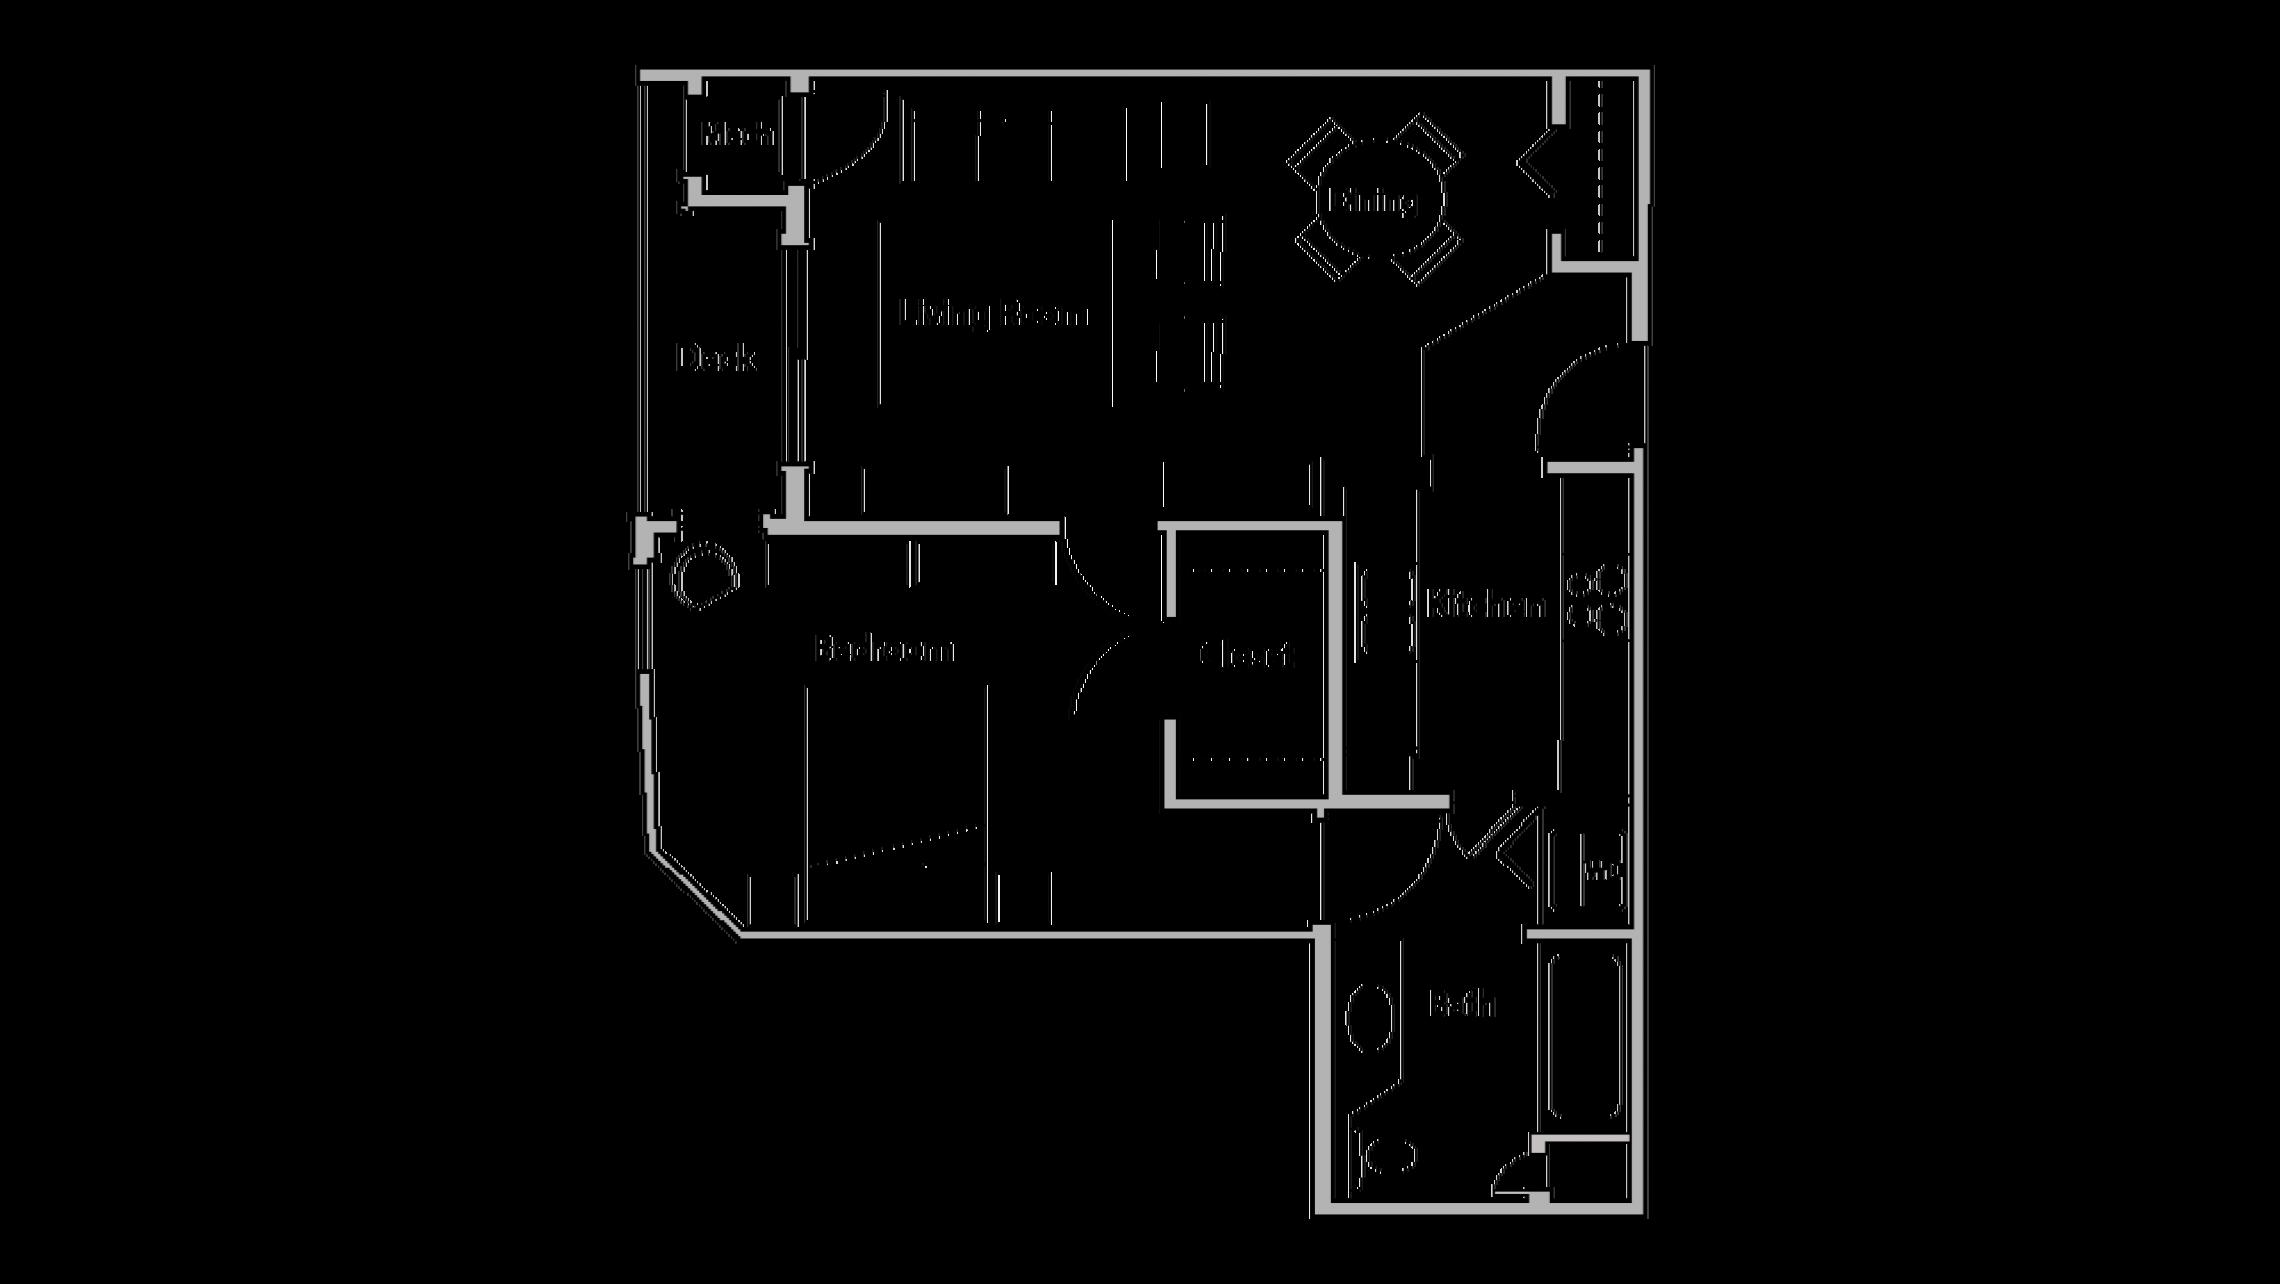 ULI Wilson Bay 303 - One Bedroom, One Bathroom